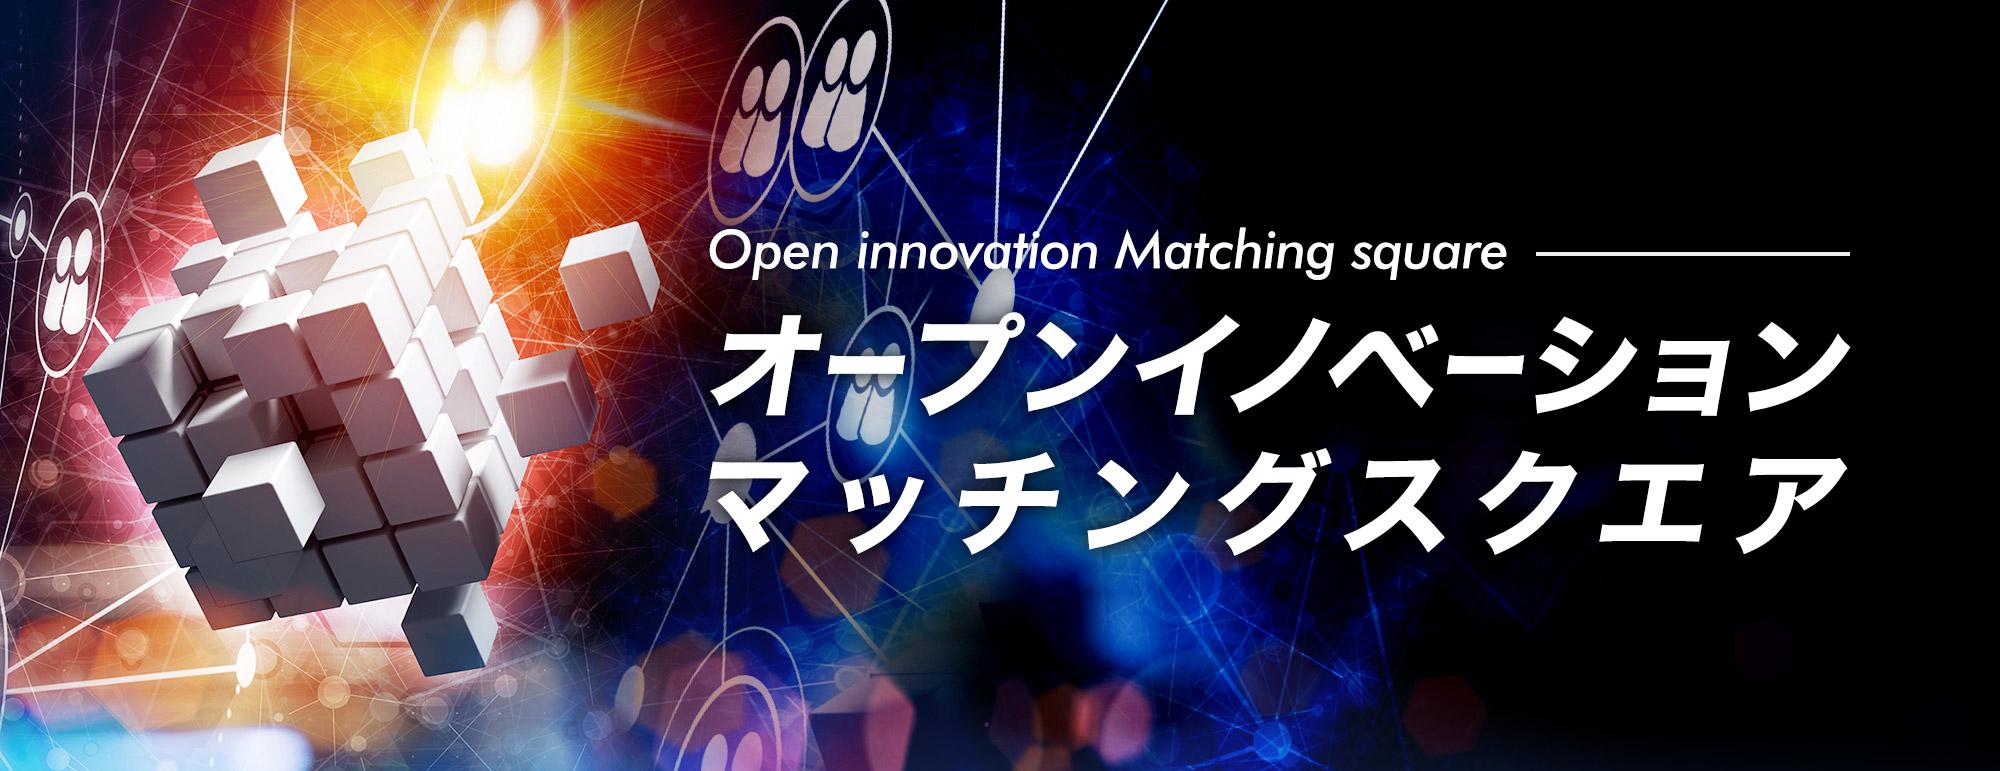 オープンイノベーション・マッチングスクエア(OIMS)